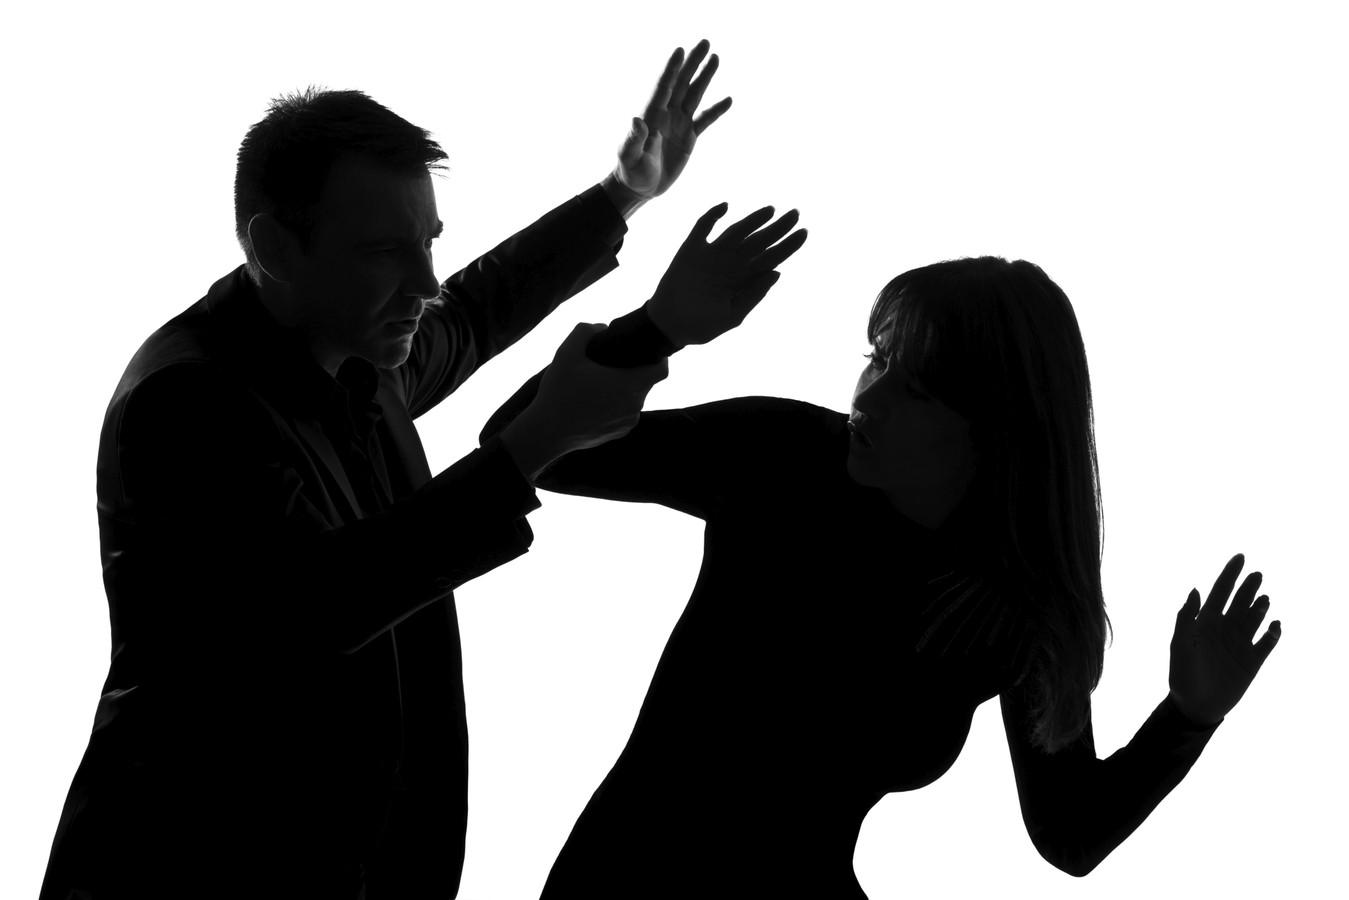 stockpzc stockadr mishandeling huiselijk geweld vechten gevecht strijd